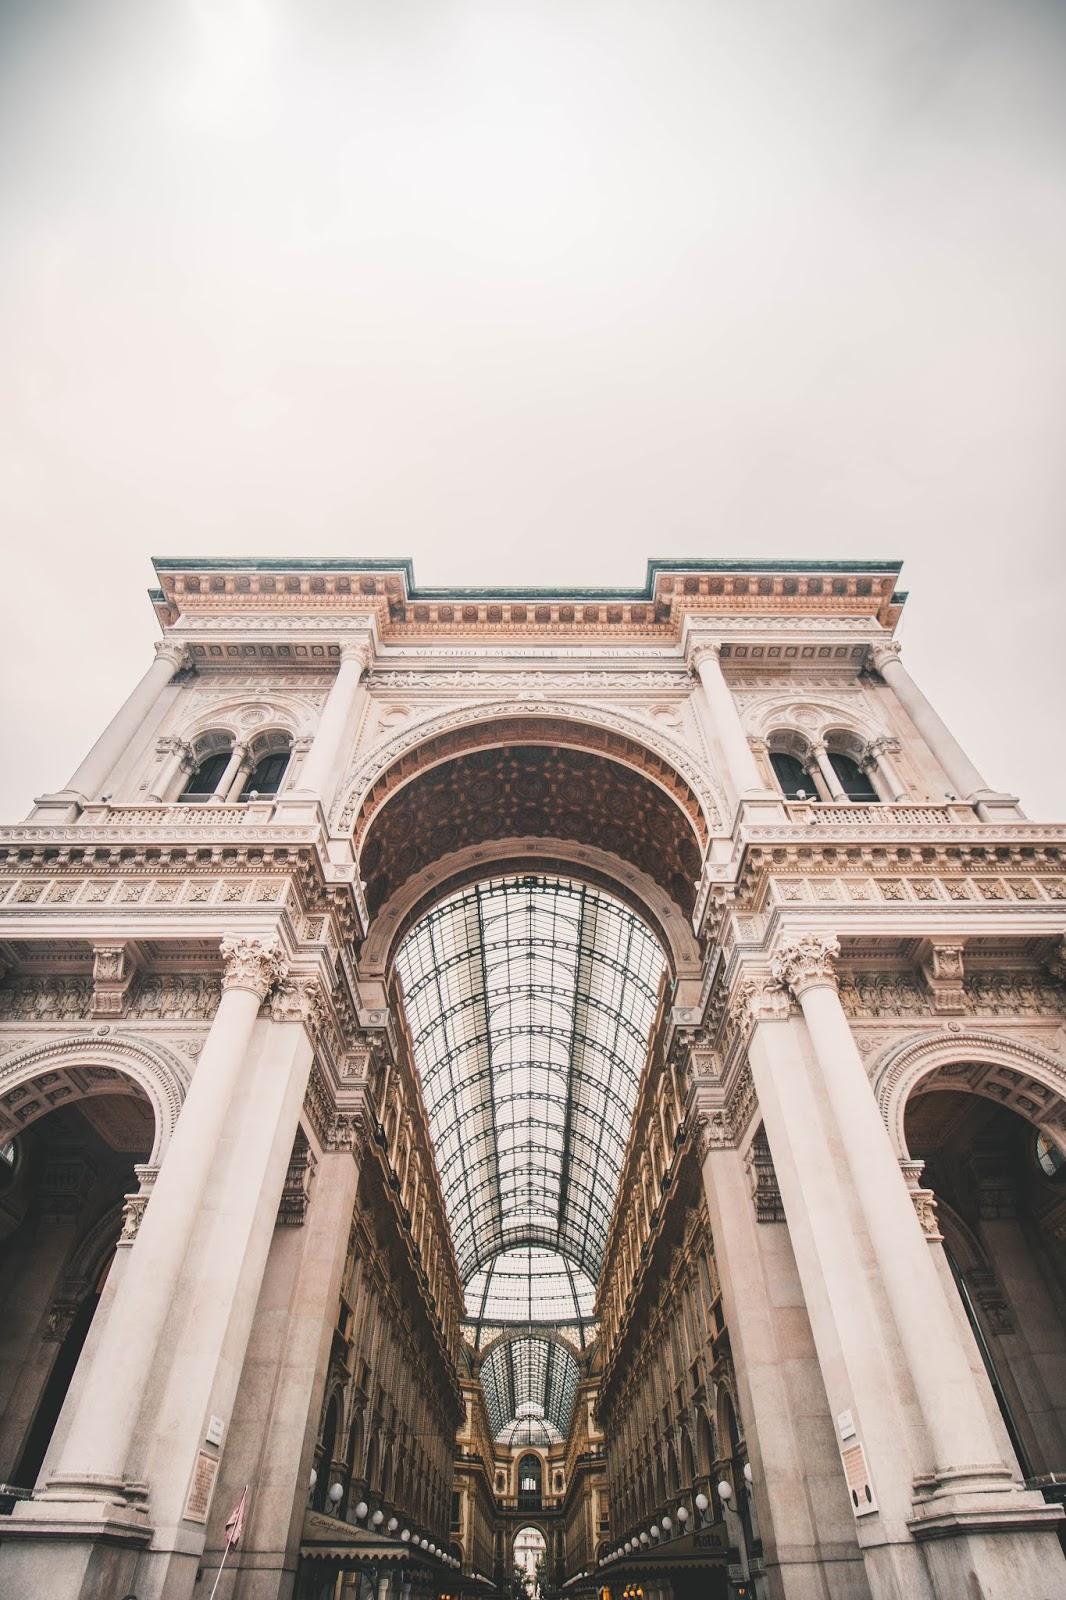 Duomo galerie Milan blog